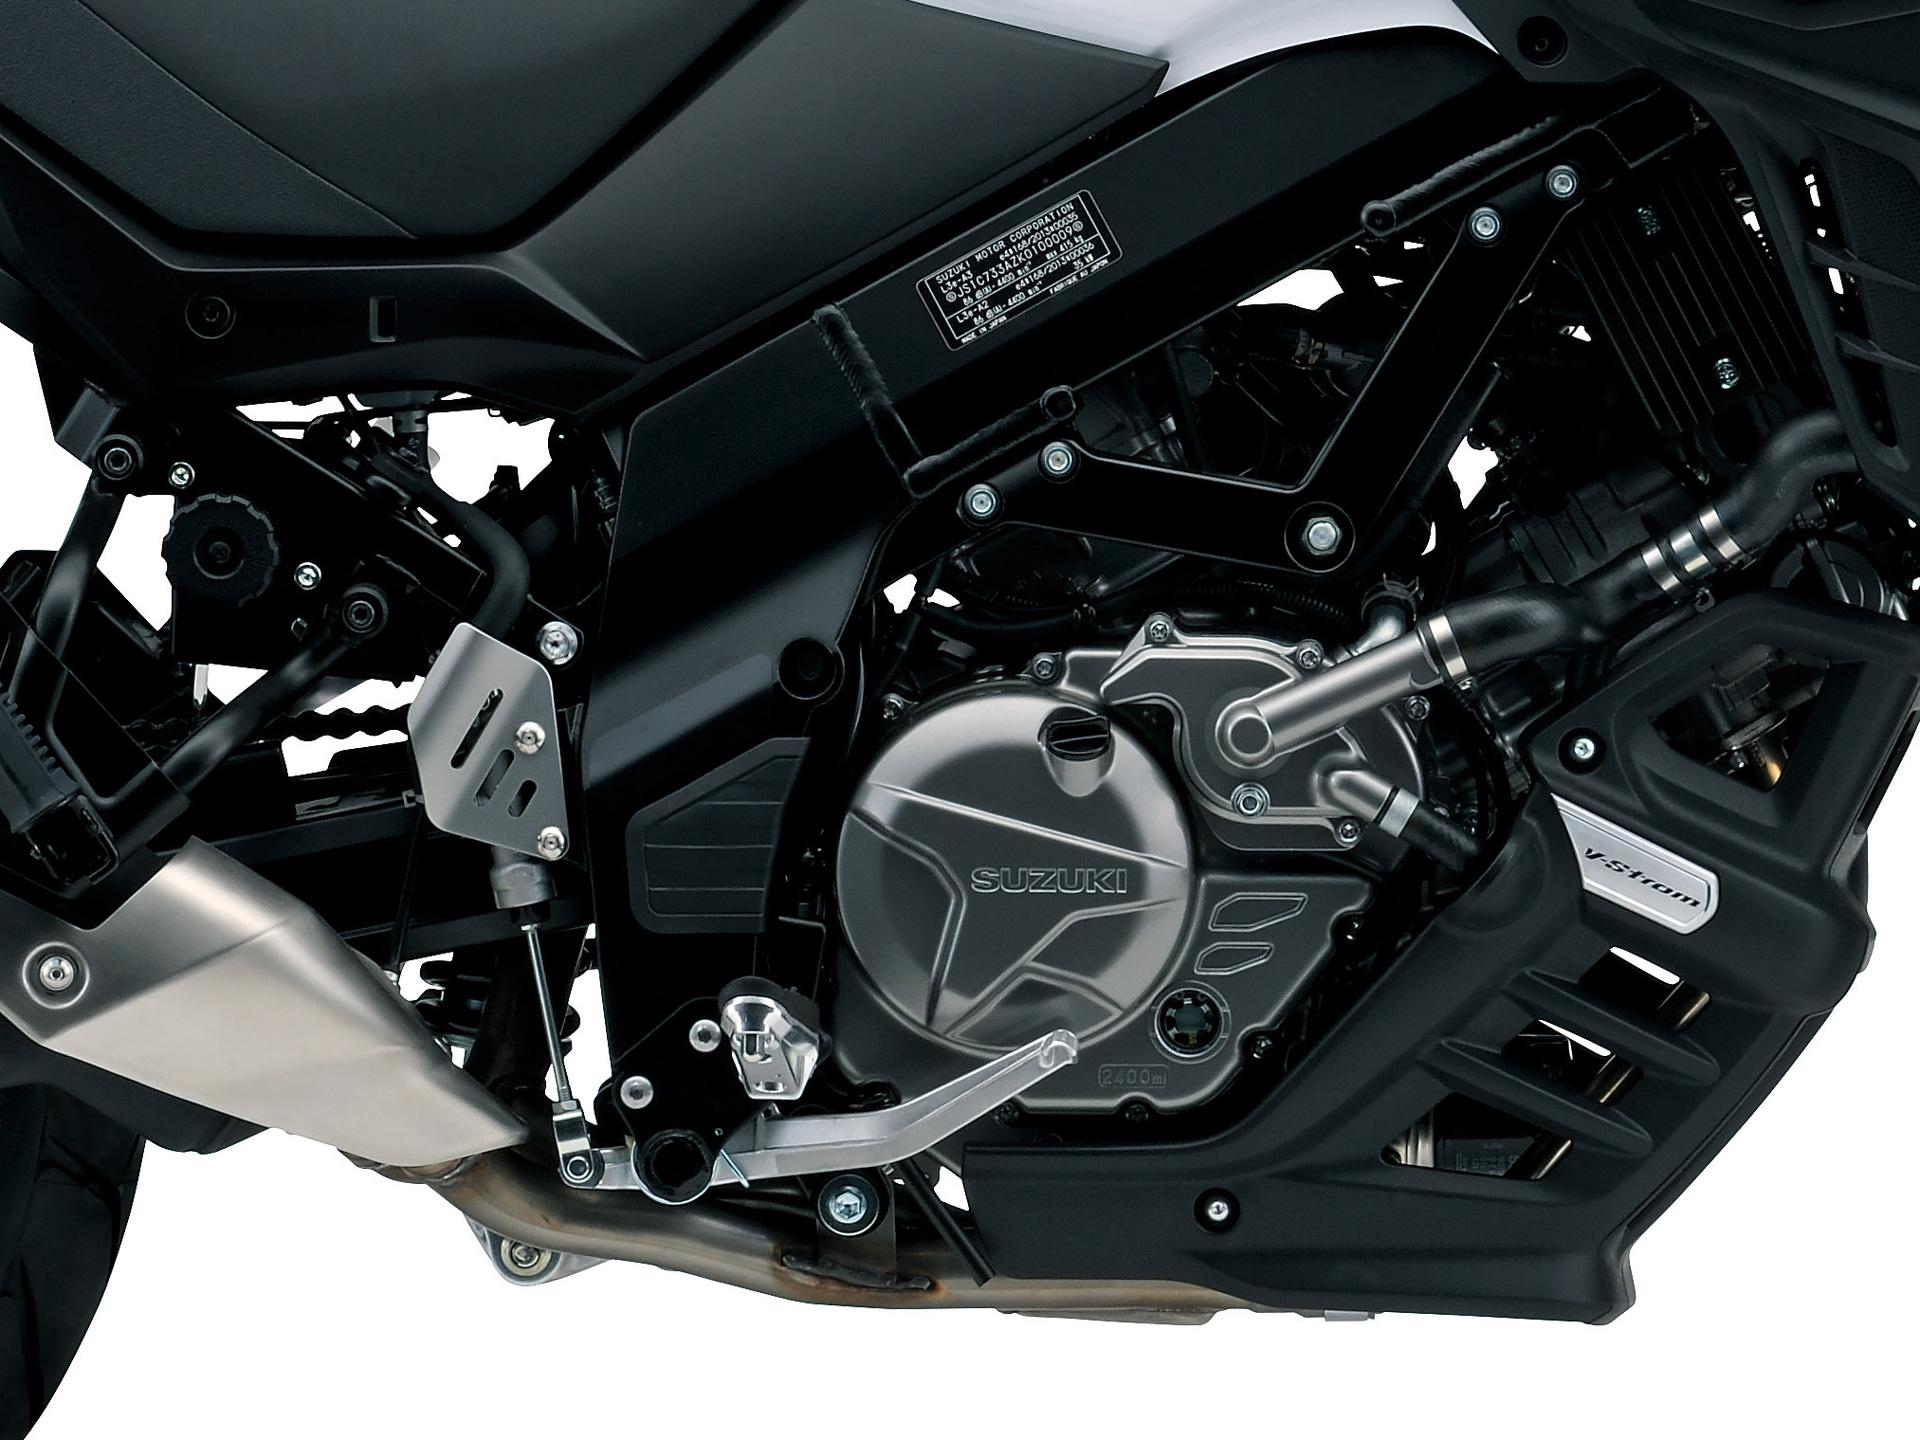 V-Strom Motor